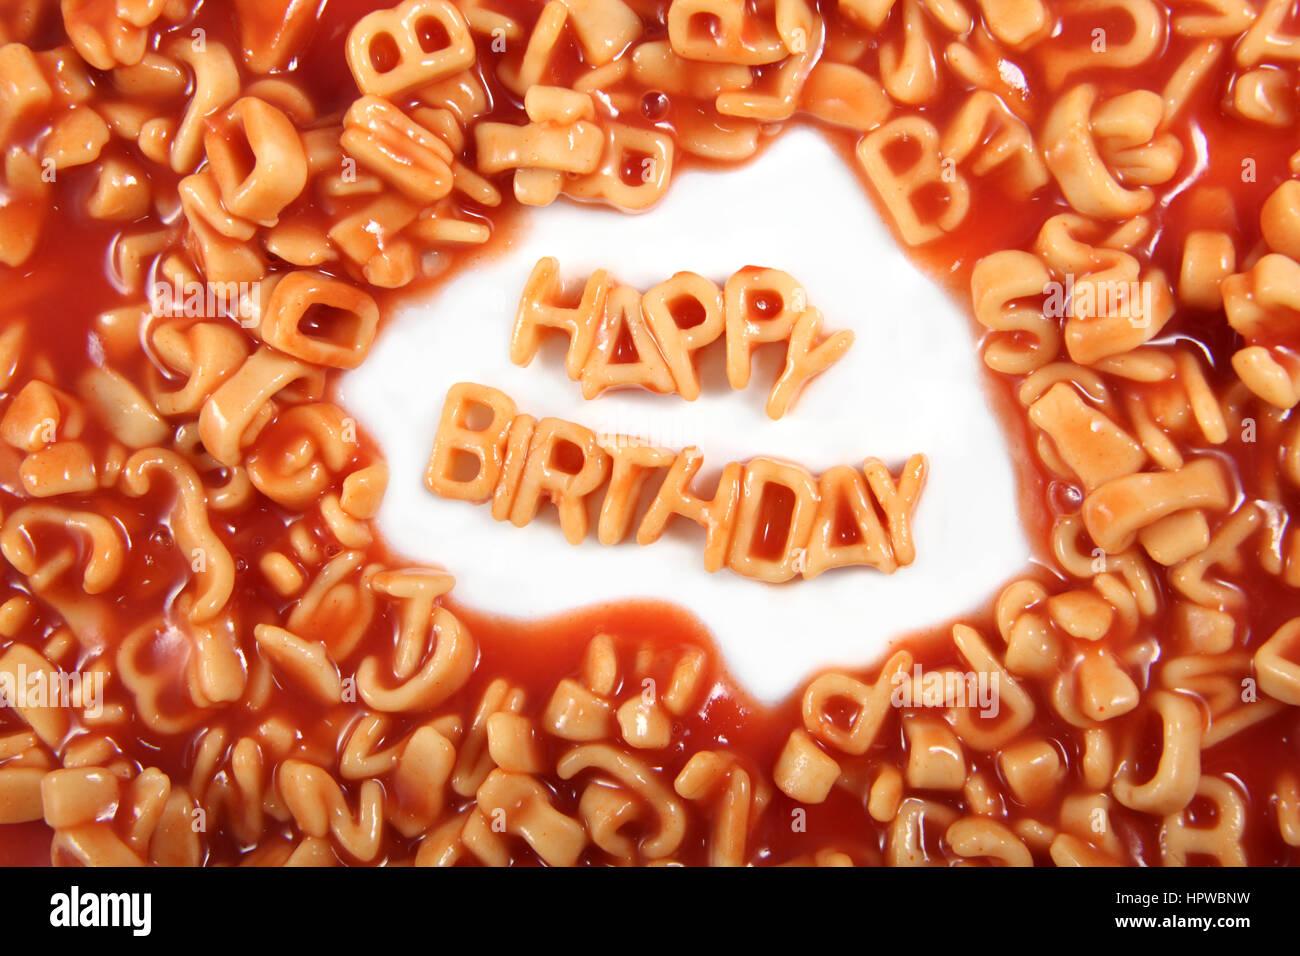 Feliz Cumpleaños escrito en letras de pasta spaghetti rodeado con letras desordenadas. Imagen De Stock